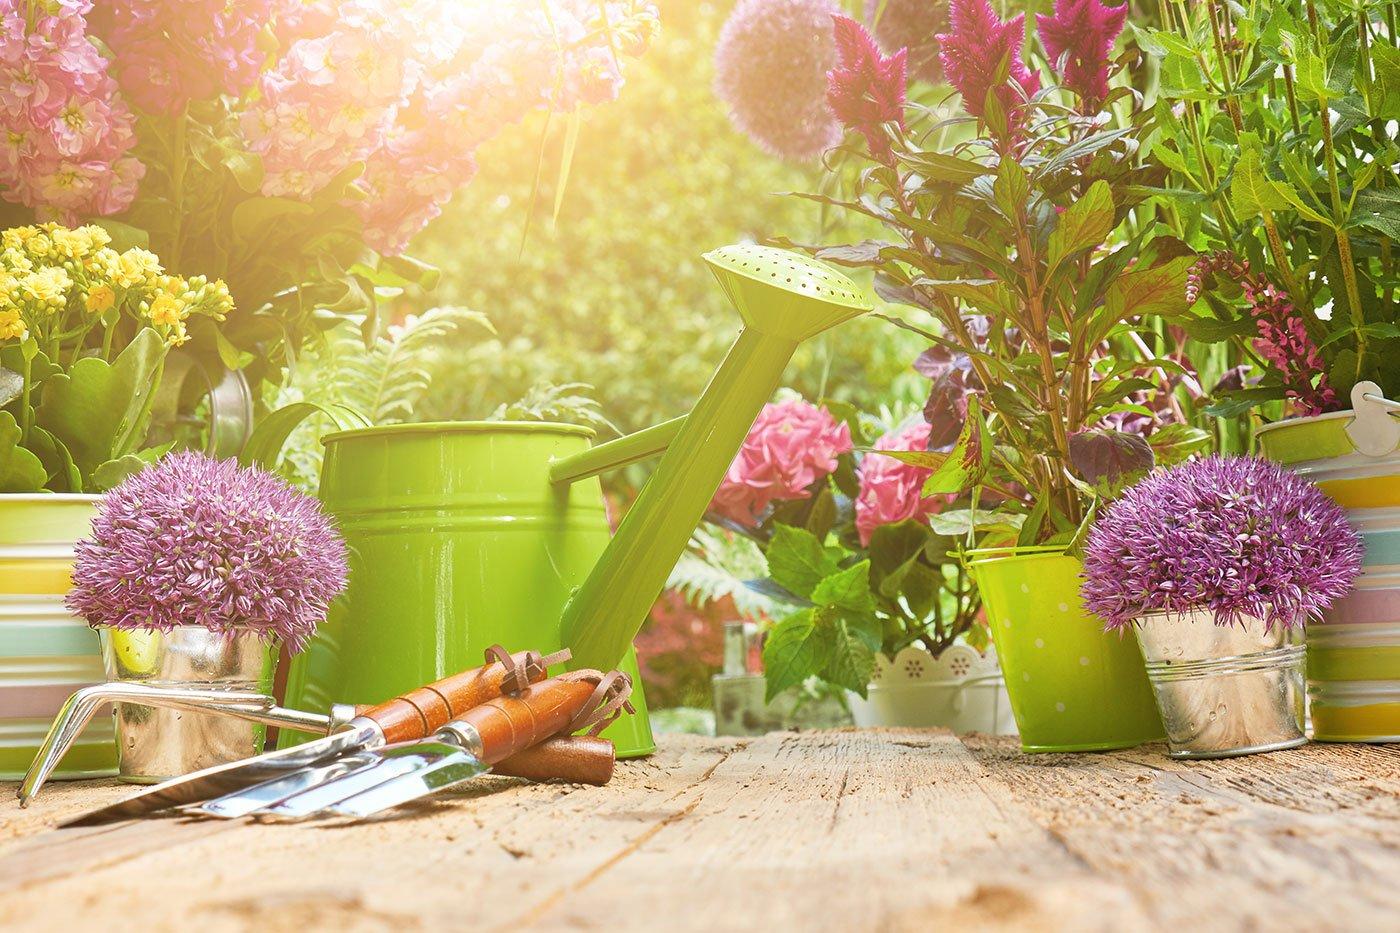 Piante, una pioggia verde e piccoli strumenti di giardinaggio